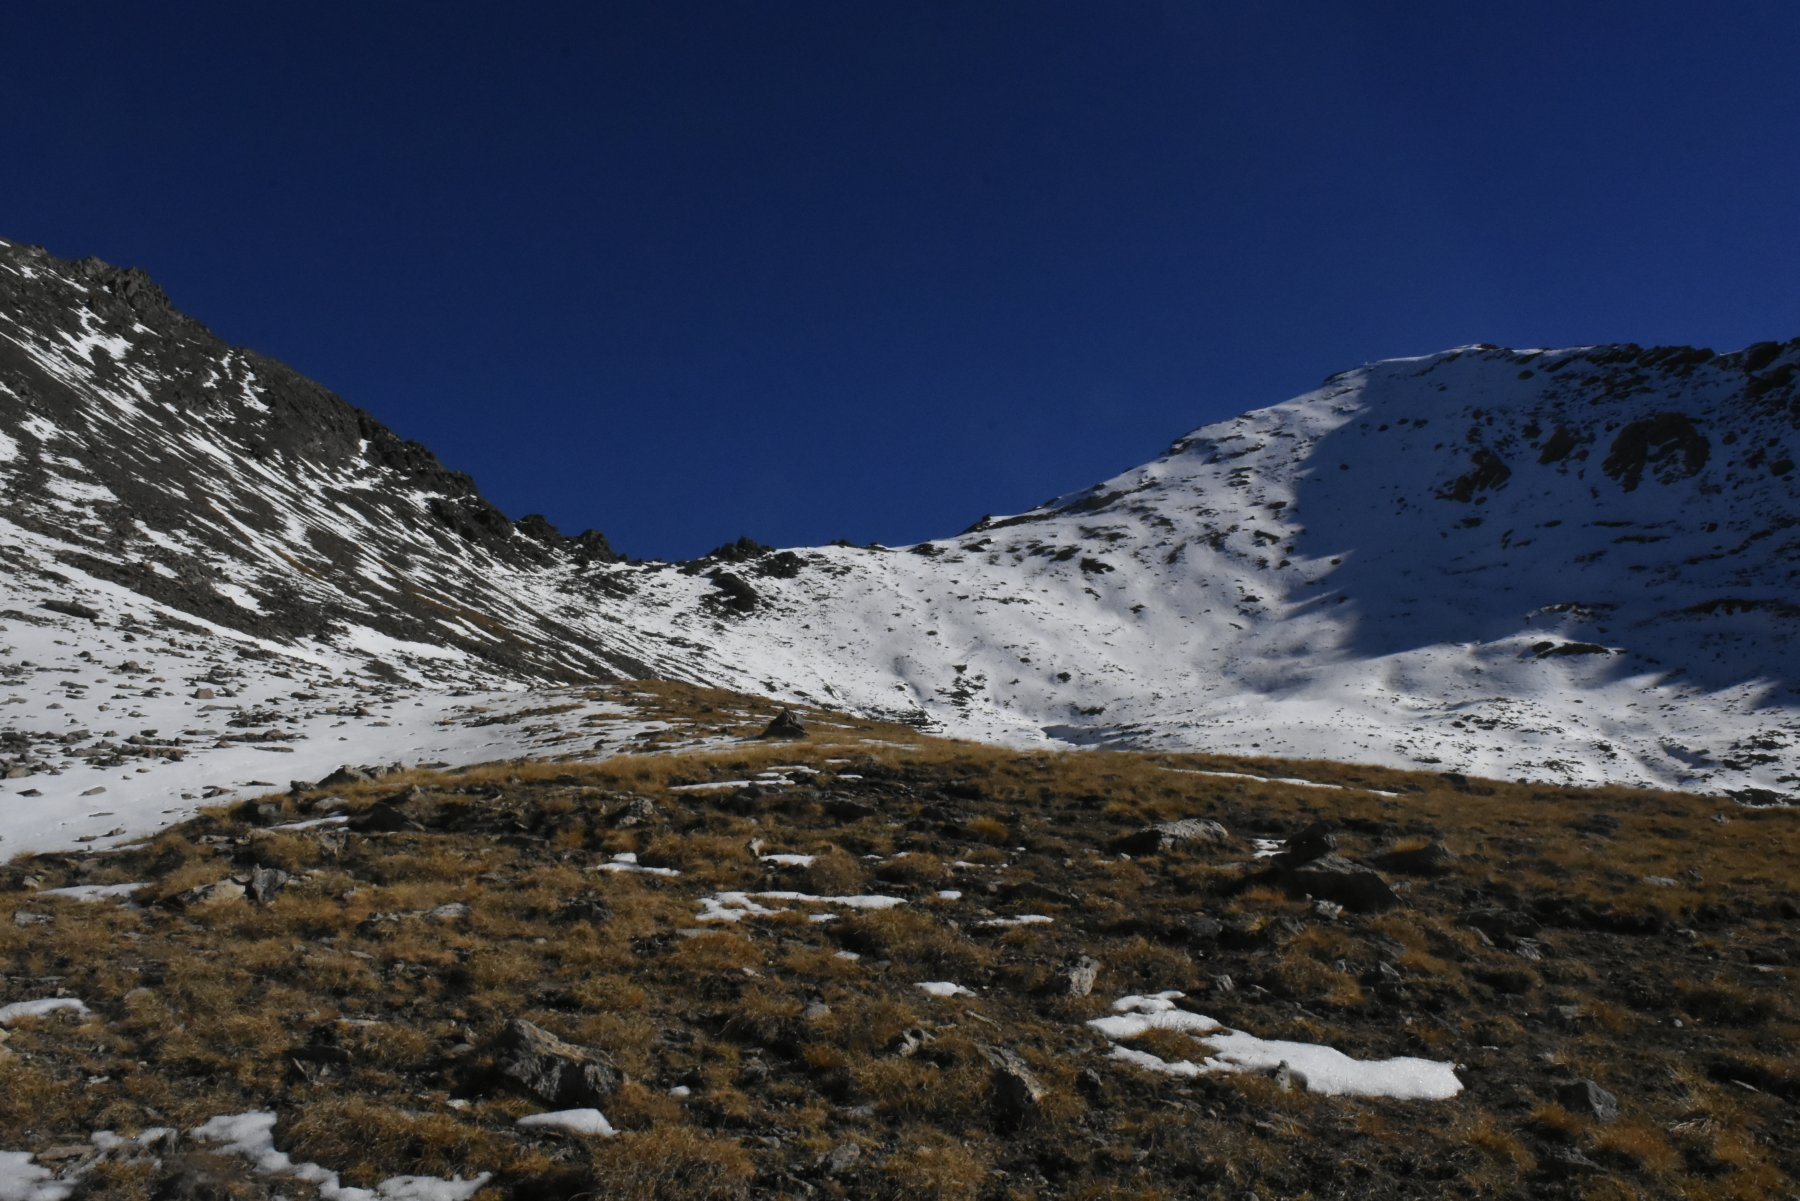 verso il colletto 2991 m